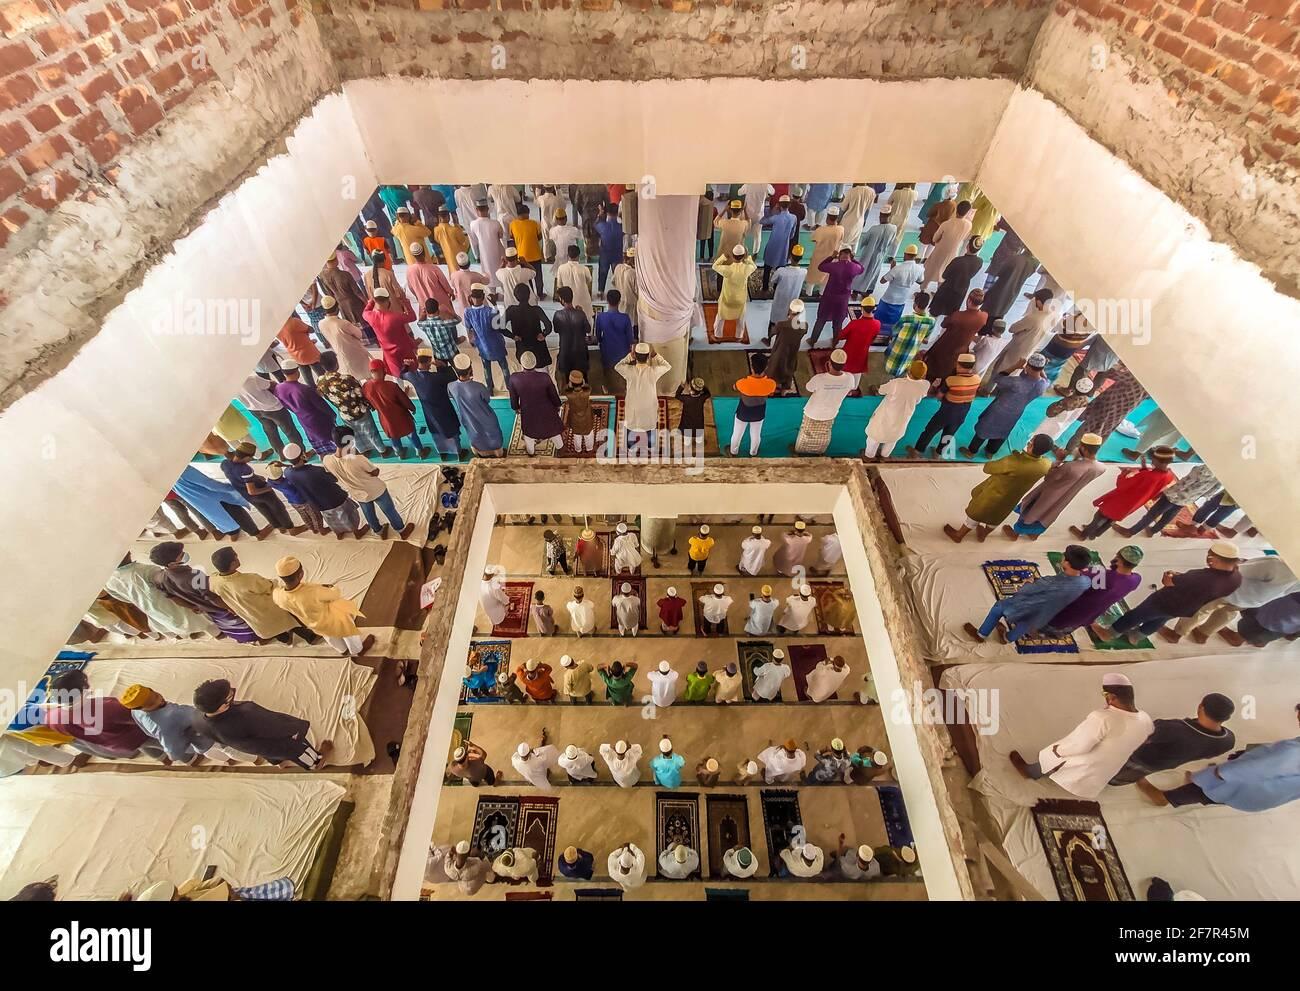 Barishal, Bangladesh. 9th de Abr de 2021. A pesar de tener una situación de encierro en Bangladesh debido a un aumento en la cantidad de pacientes y muertes de Covid-19 todos los días, la gente no mantiene una distancia social mínima para orar su oración Jummah Musulmana en una mezquita en la ciudad de Barishal. Crédito: Mustasinur Rahman Alvi/ZUMA Wire/Alamy Live News Foto de stock